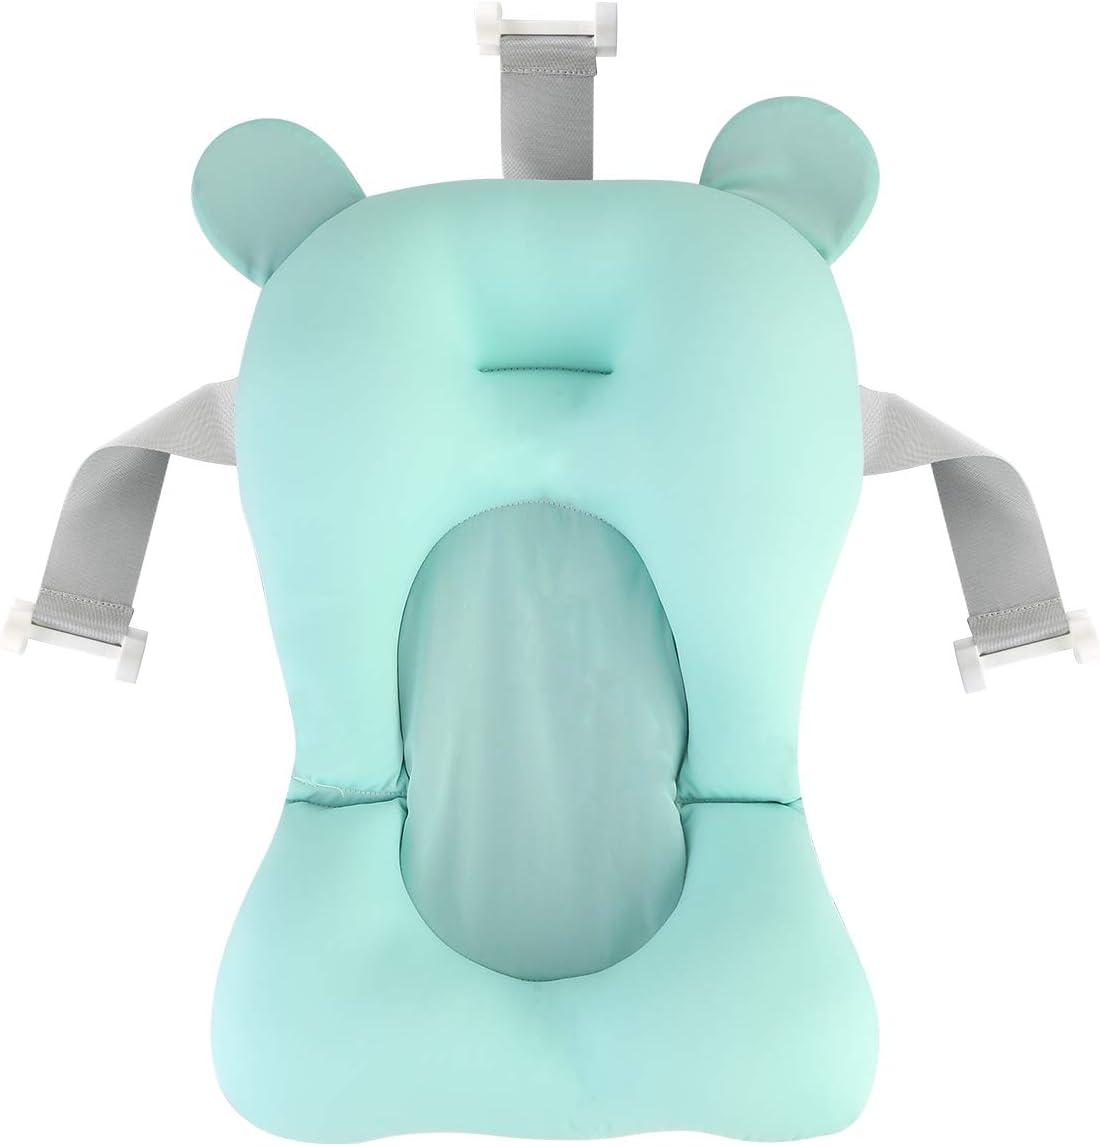 Gojiny Cojín de Baño para Bebés Almohadilla para Bañera para Recién Nacidos Cojín para Bañera con Asiento para Bebé Almohadilla Antideslizante para Bañera Cama de Baño Flotante para Baby Shower